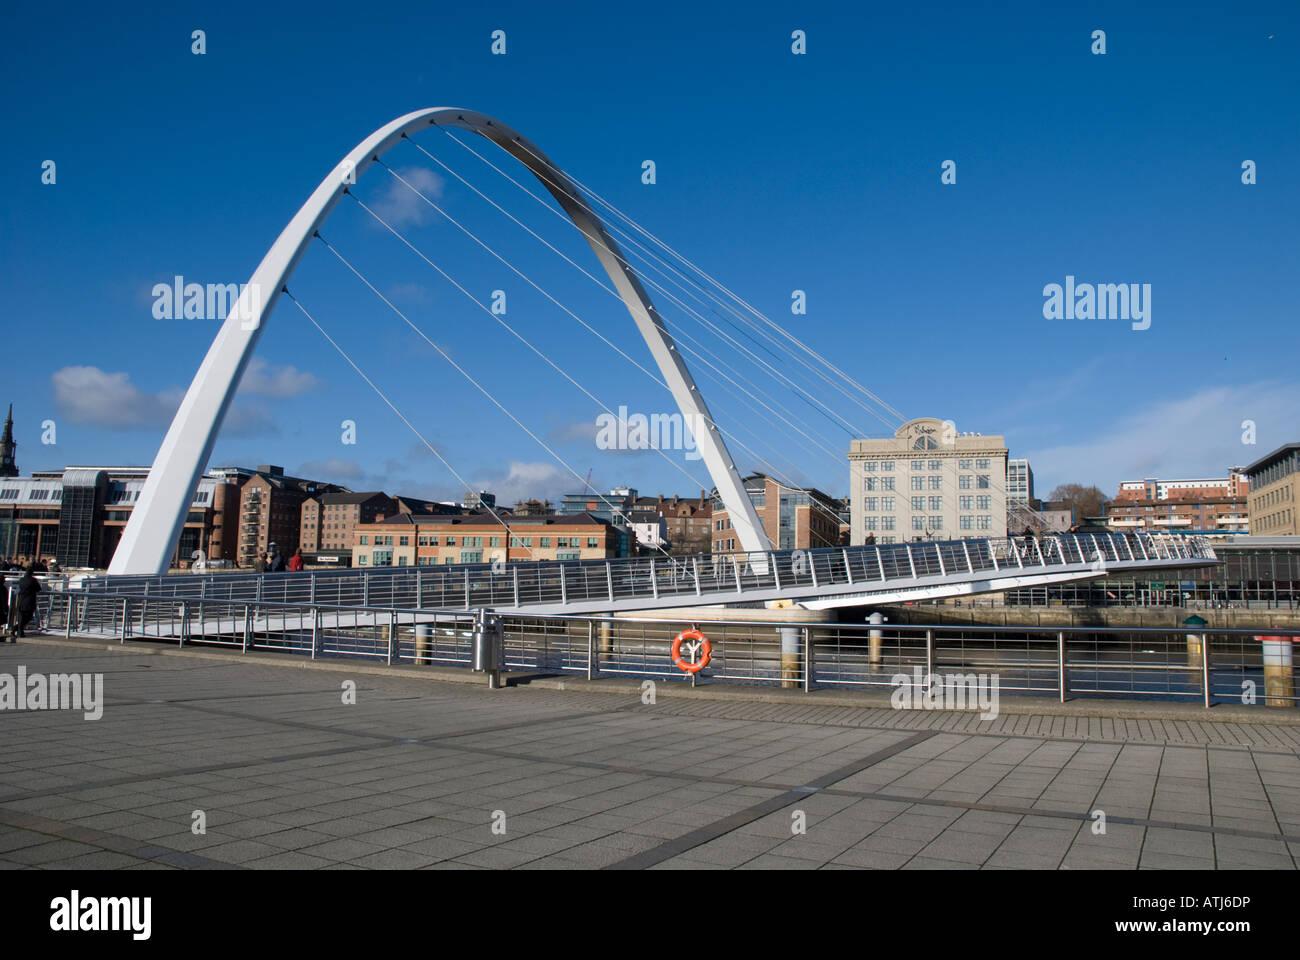 Gateshead Millennium Bridge - Stock Image